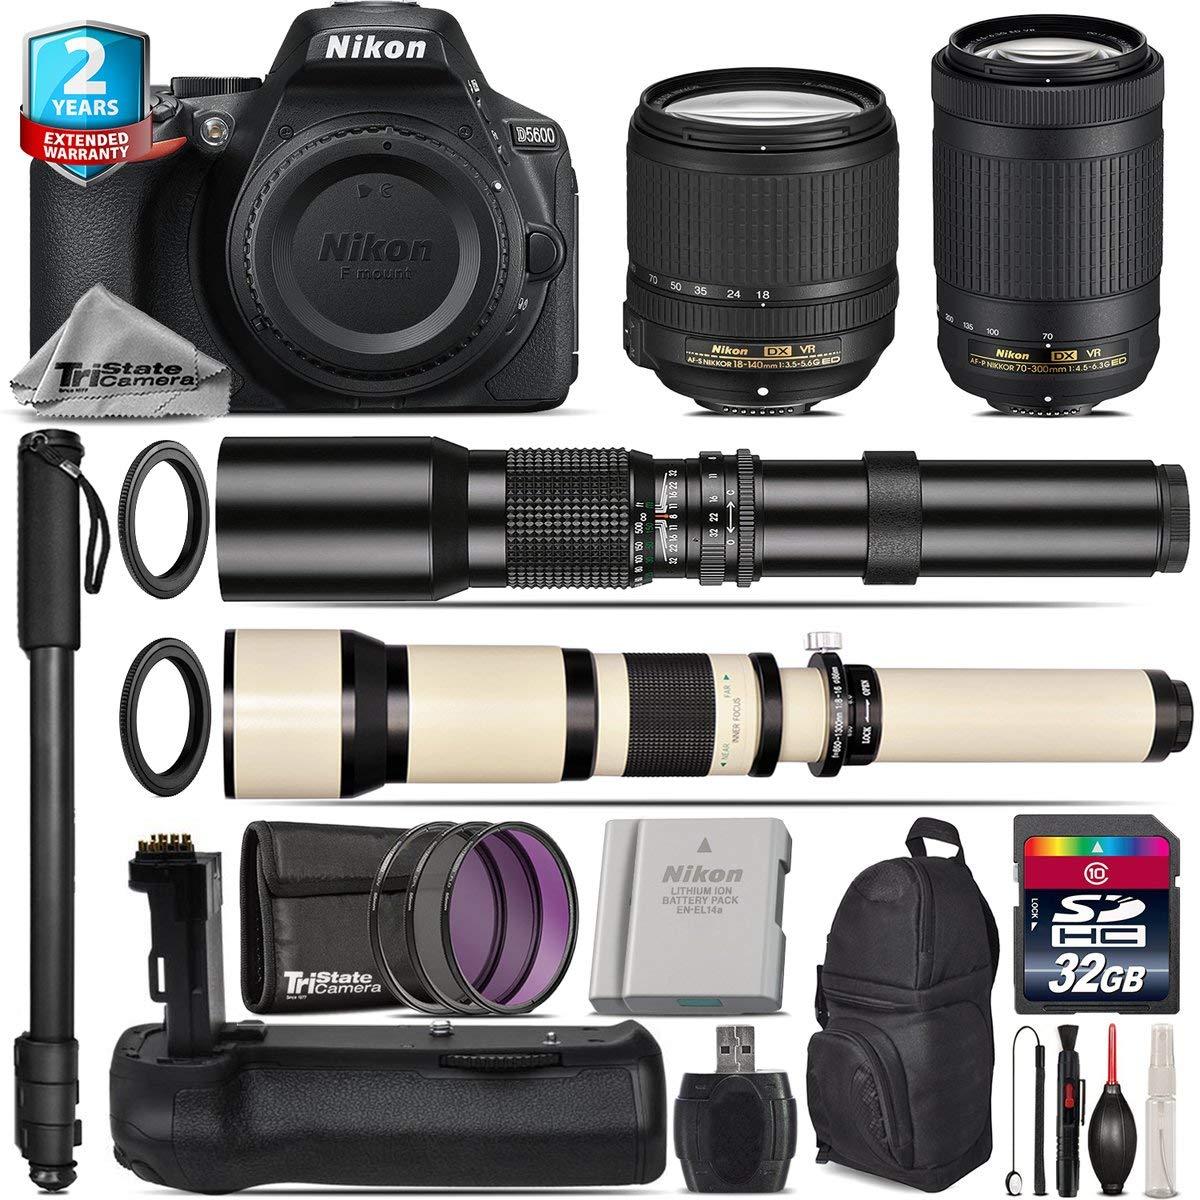 Holiday Saving Bundle for D5600 DSLR Camera + AF-P 70-300mm VR Lens + 18-140mm VR Lens + 650-1300mm Telephoto Lens + 500mm Telephoto Lens + Battery Grip + 2yr Warranty - International Version